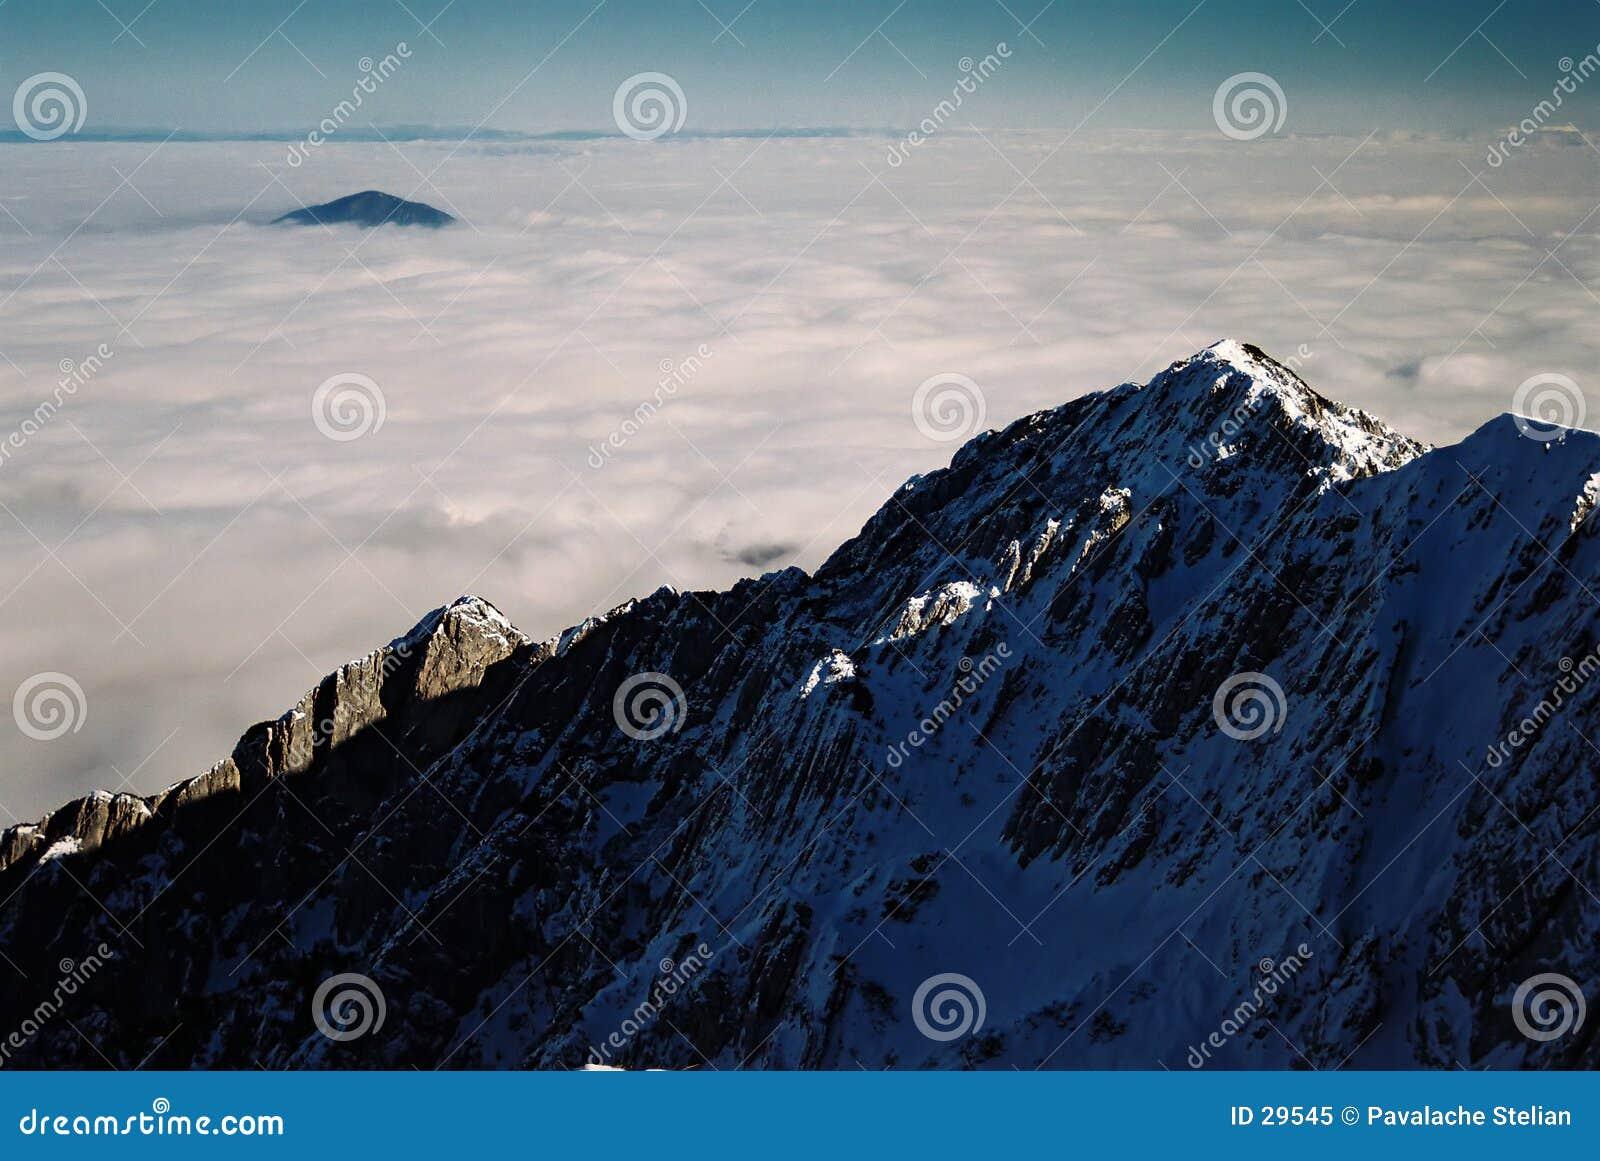 Download Mar de nubes imagen de archivo. Imagen de climbing, invierno - 29545